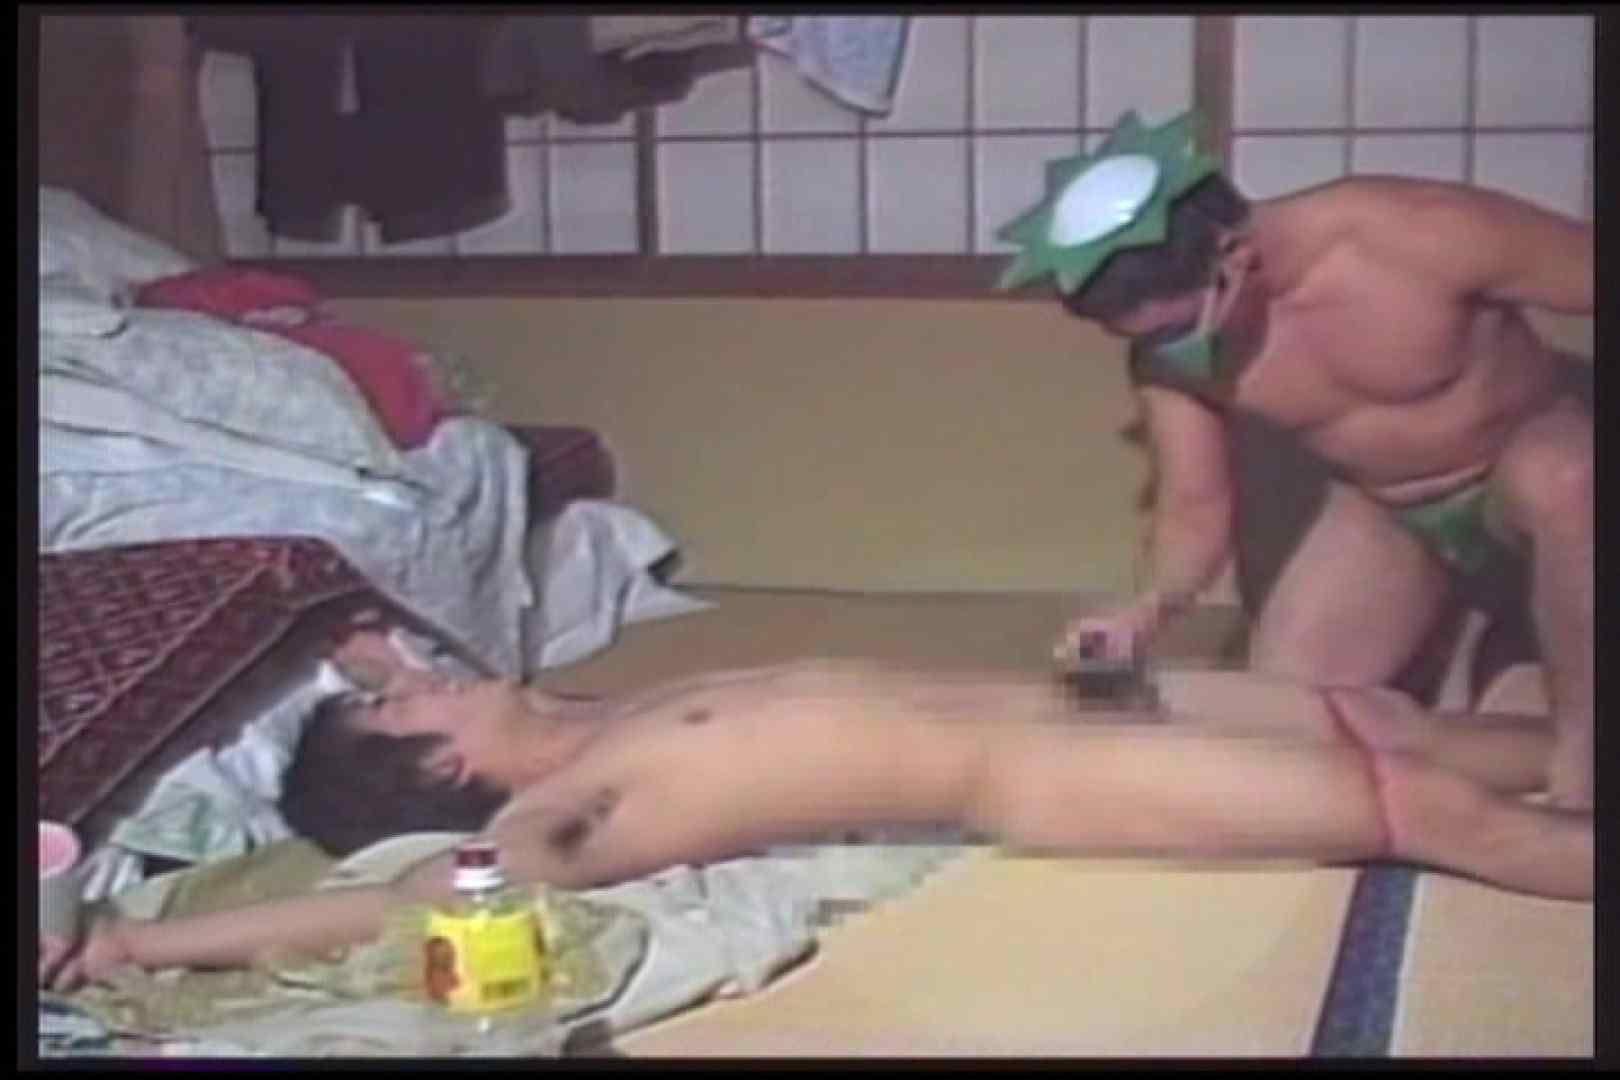 若人は元気!新歓合宿にておふざけ特集VOL.03 スジ筋系ボーイズ | ボーイズ私服  84pic 58